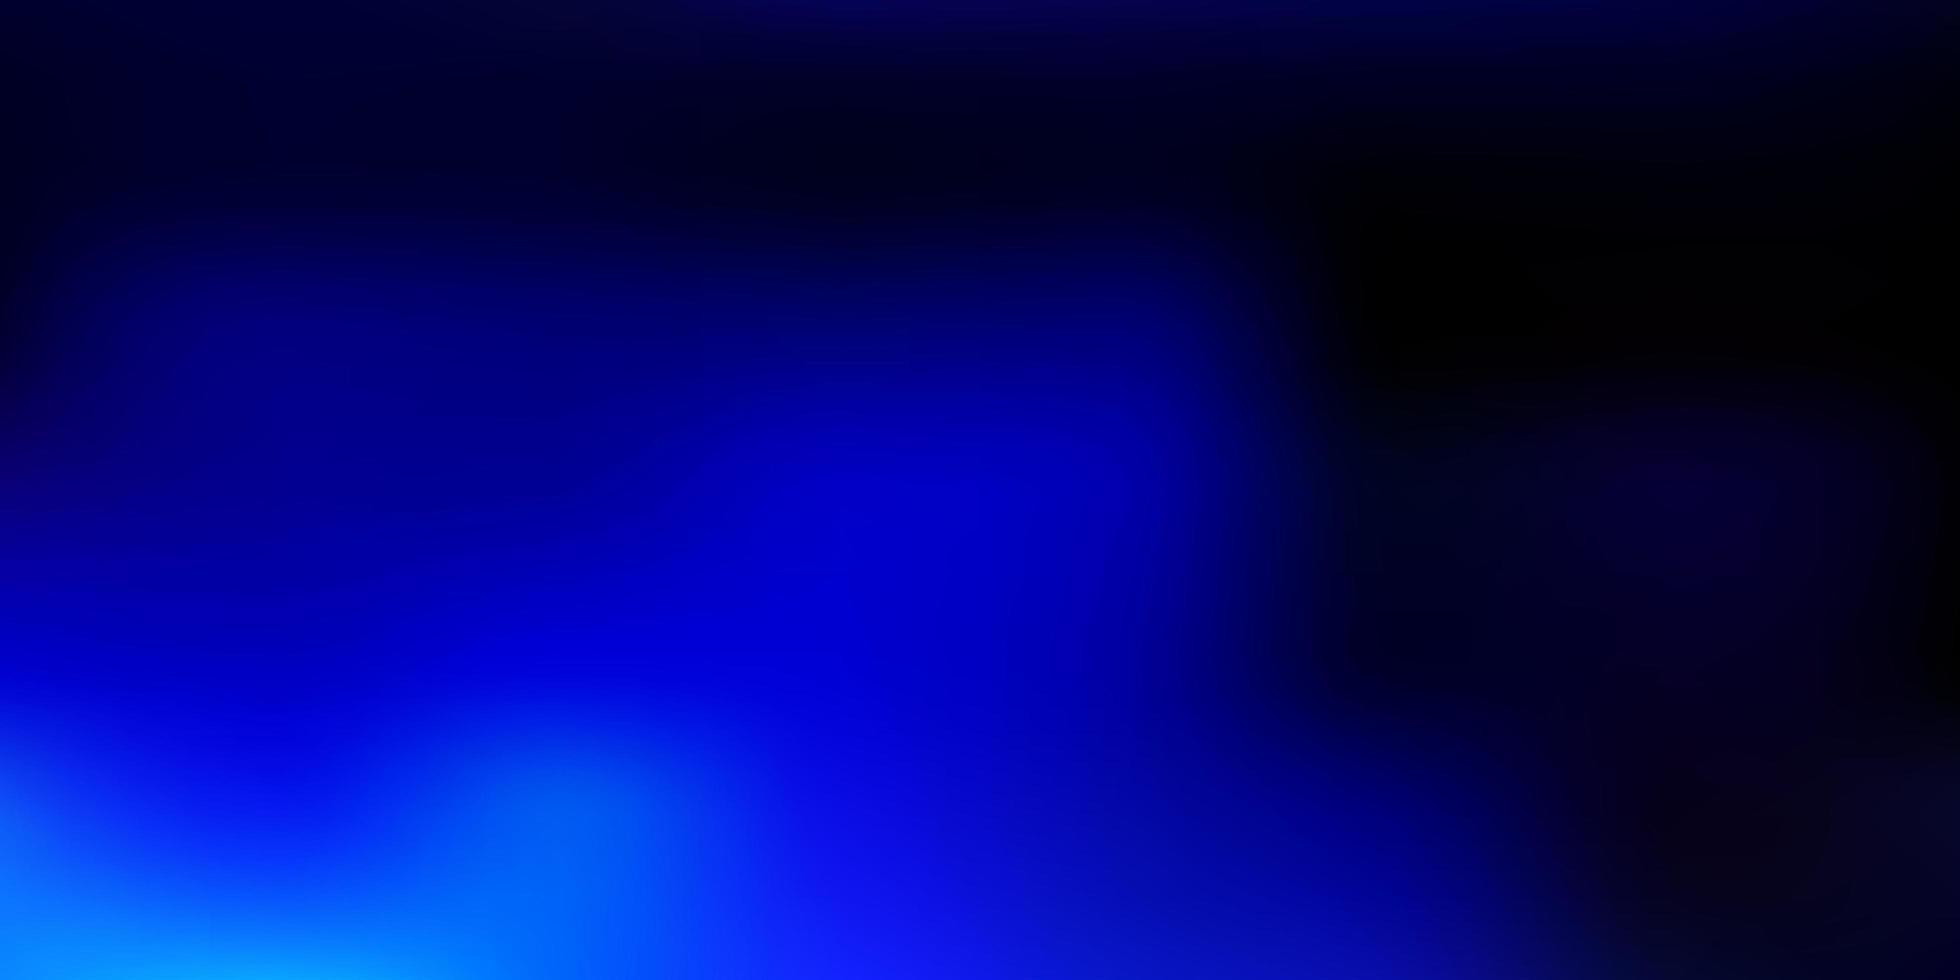 mörkblå gradient oskärpa bakgrund. vektor